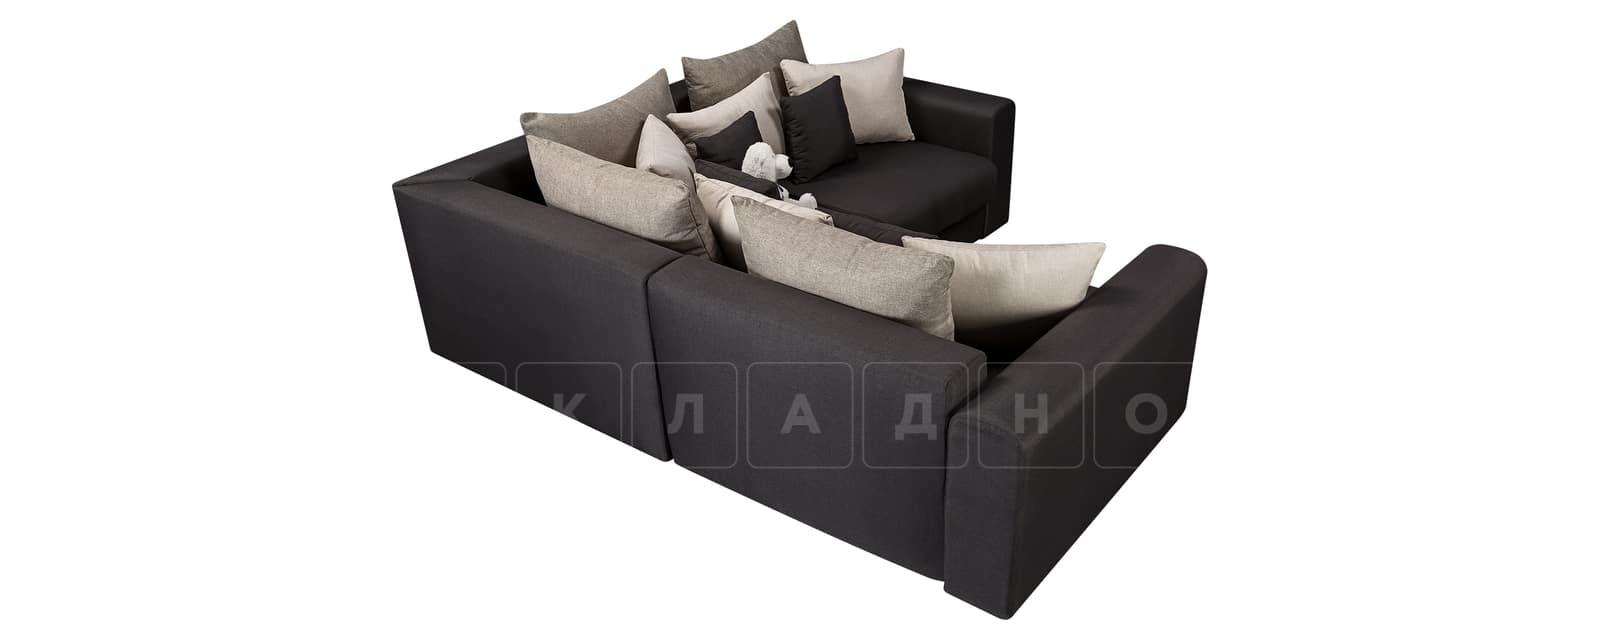 Угловой диван Медисон темно-серый 244х224 см фото 3 | интернет-магазин Складно